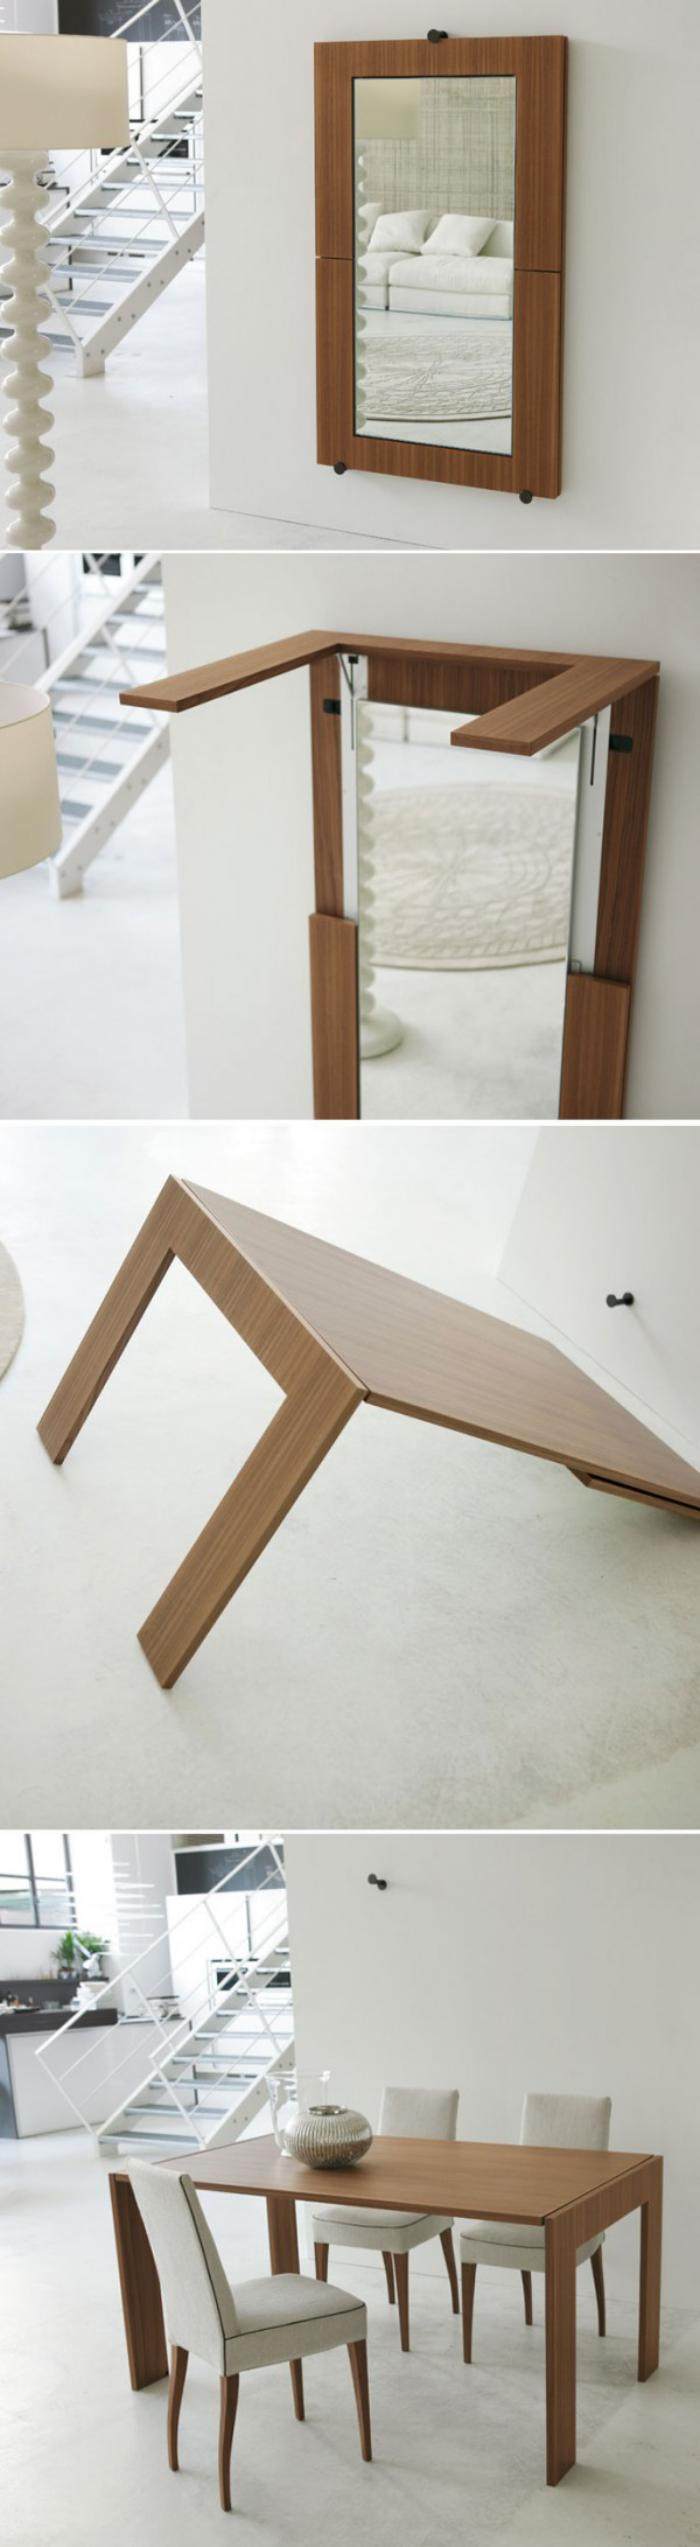 63 Modeles Originaux De Table Gain De Place Archzine Fr